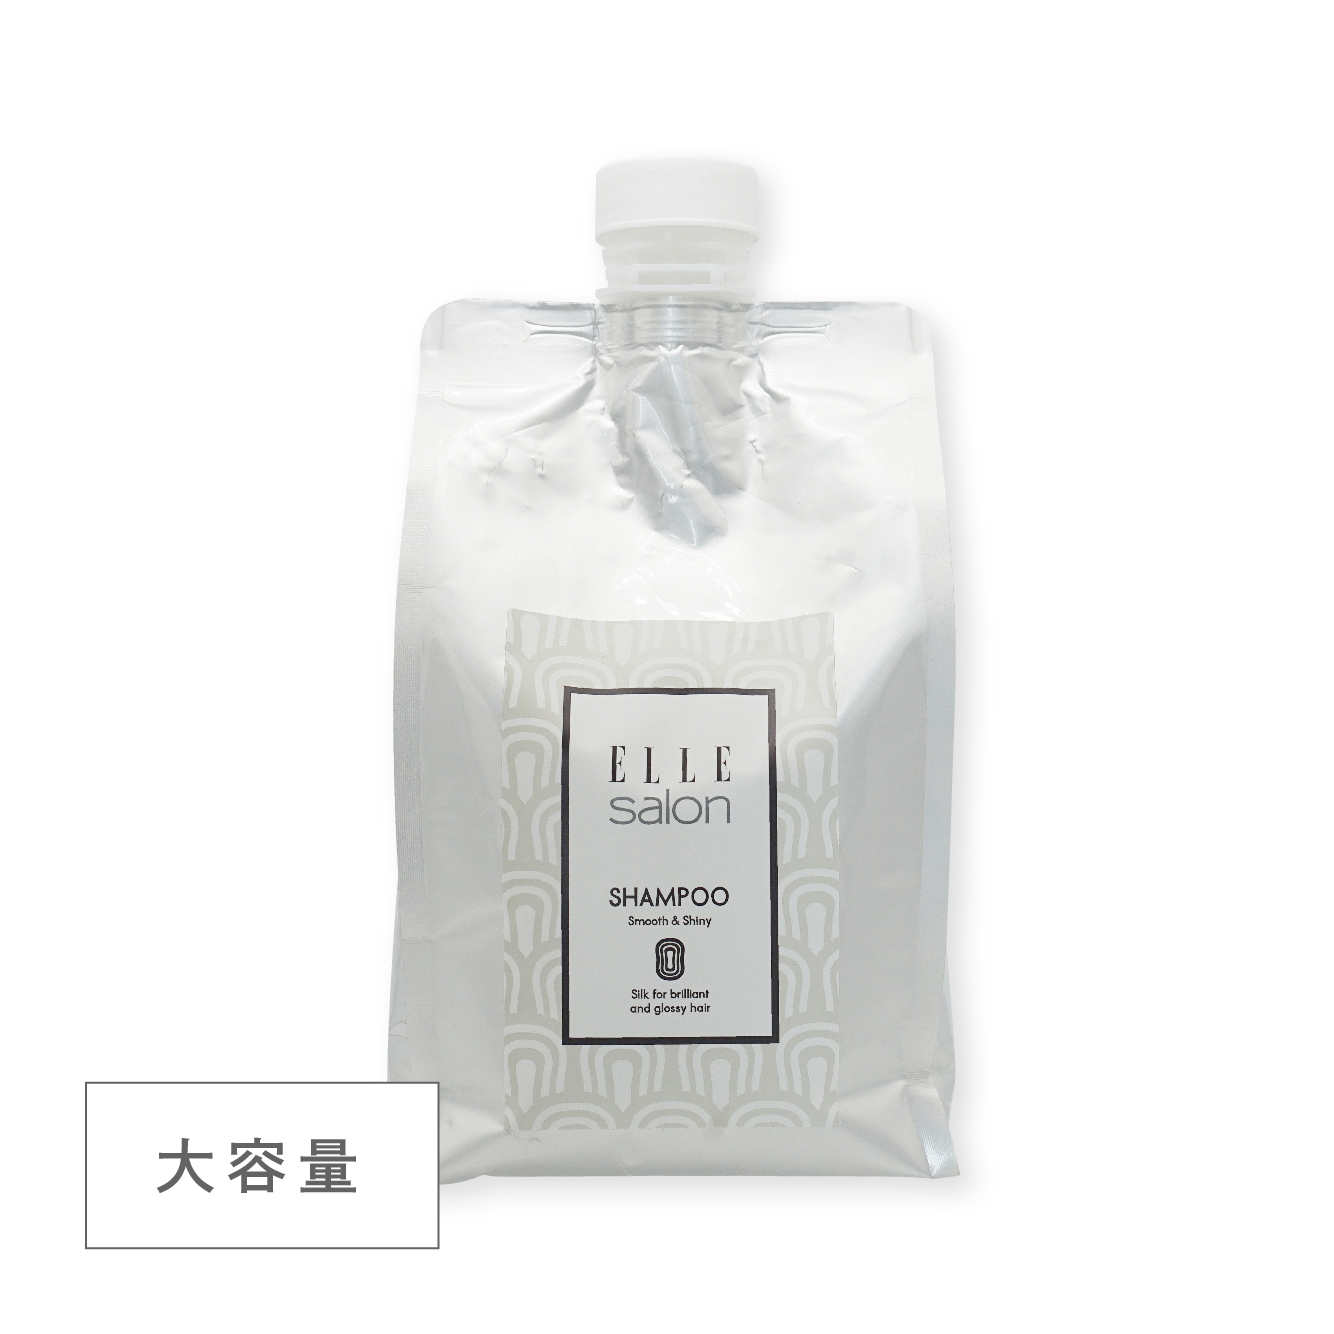 エル サロン シャンプー 大容量サイズ【1000ml】